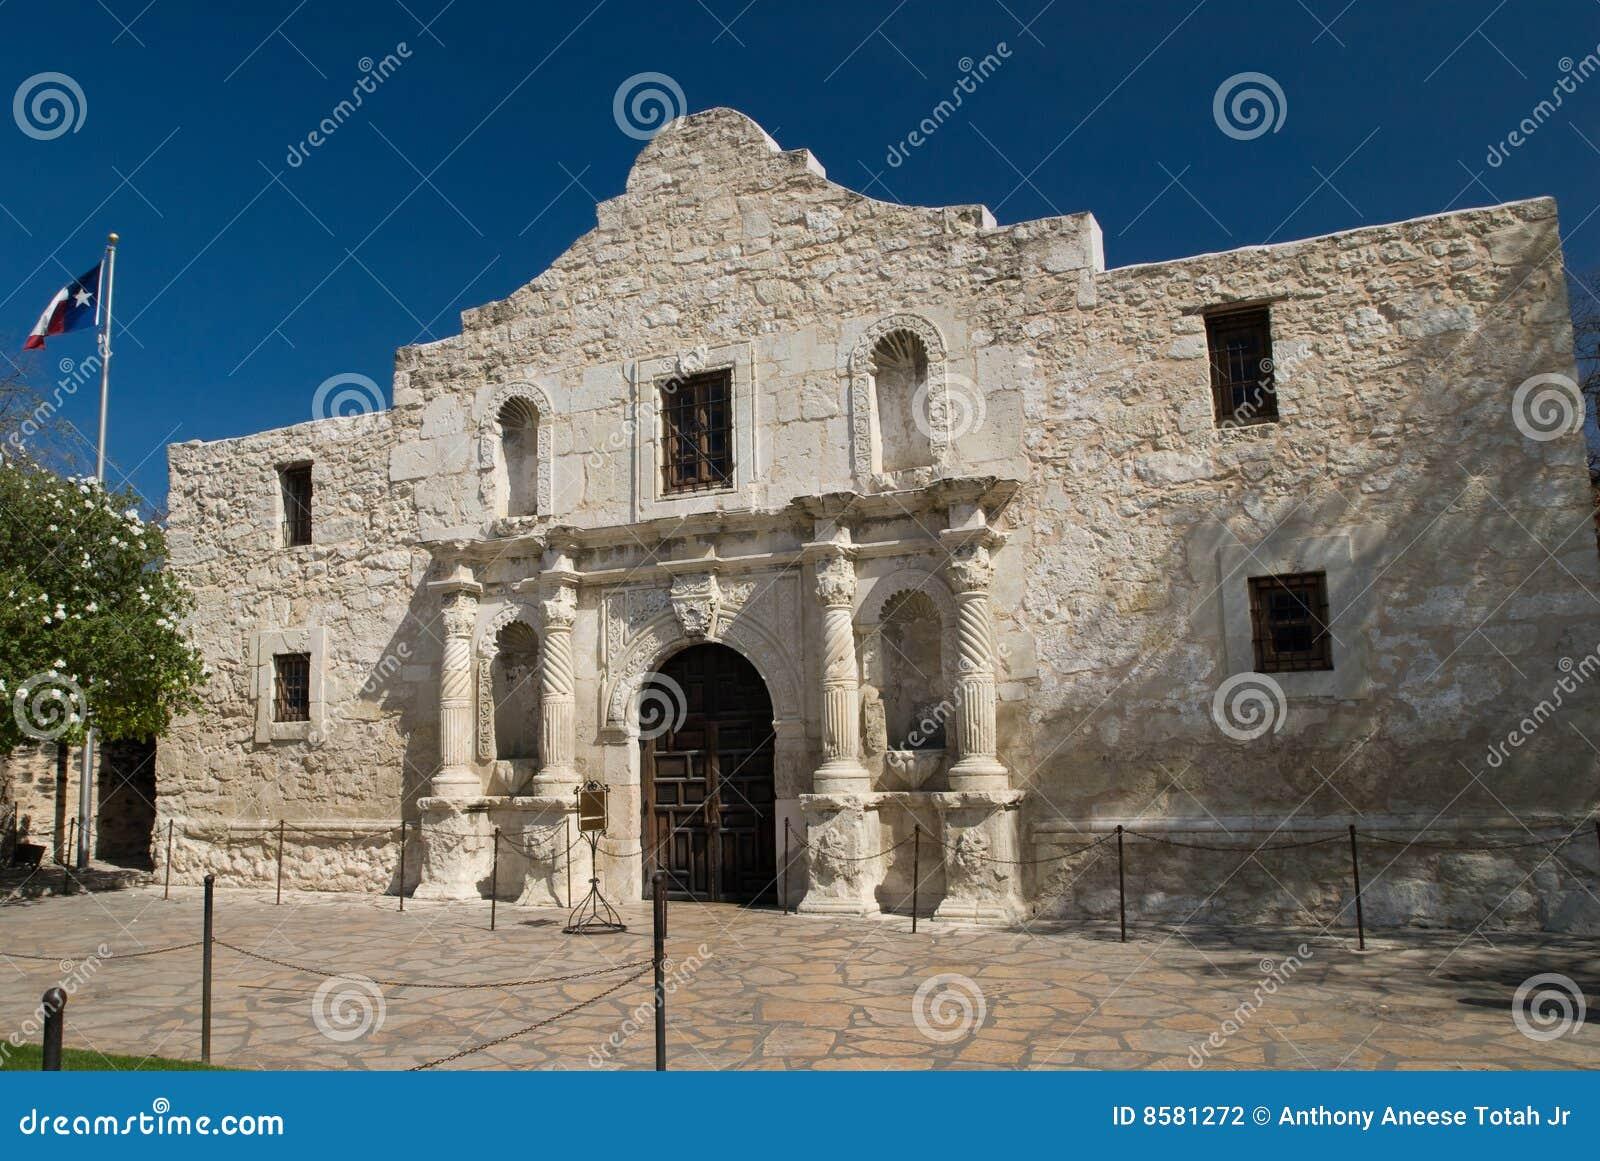 Alamo antonio san texas